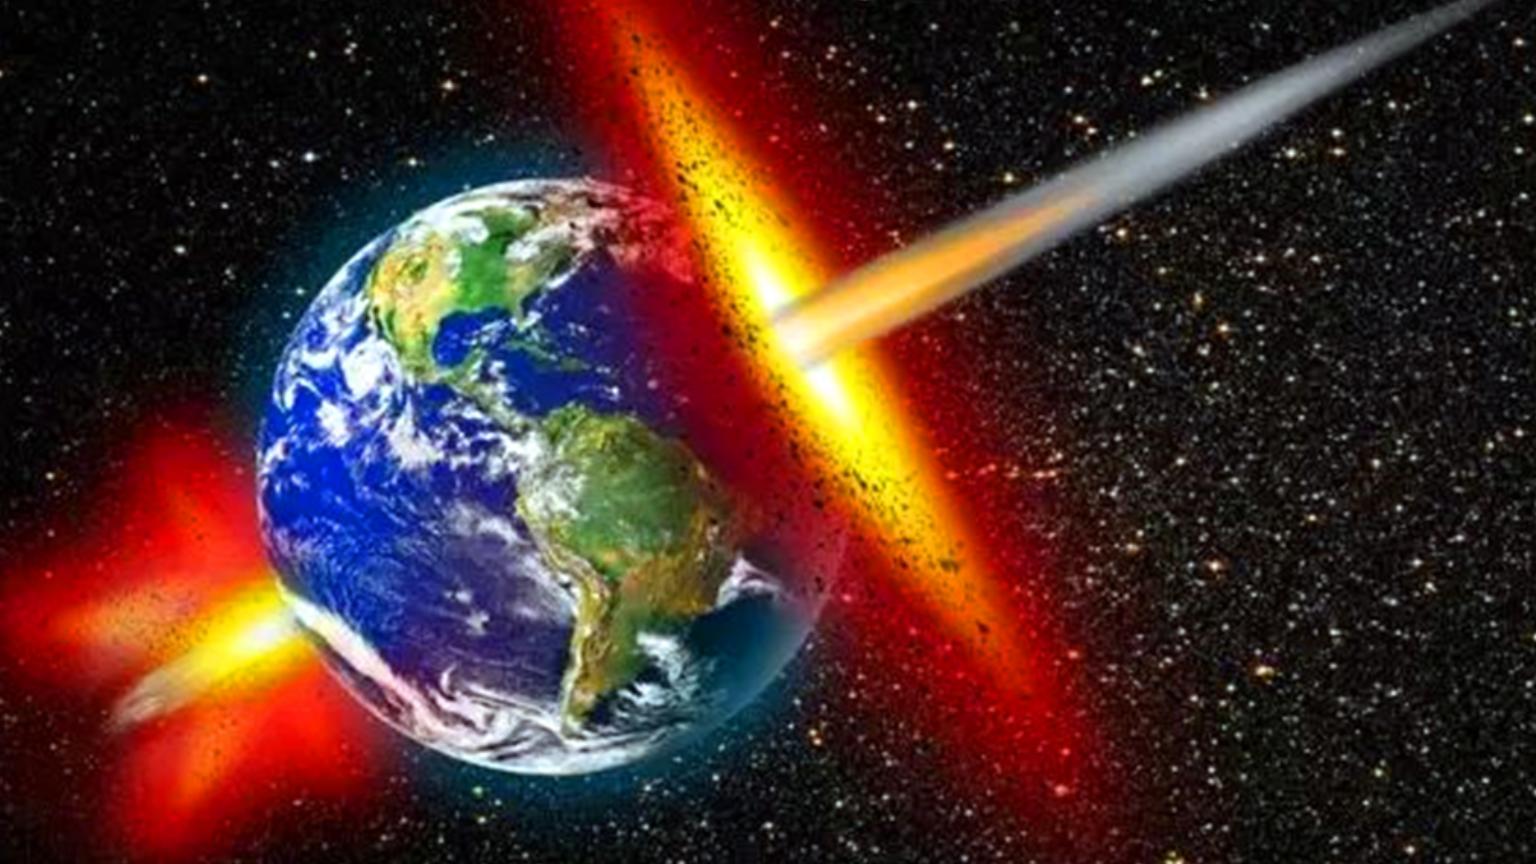 中微子为什么可以穿过地球?难道没有阻挡它的东西了吗?